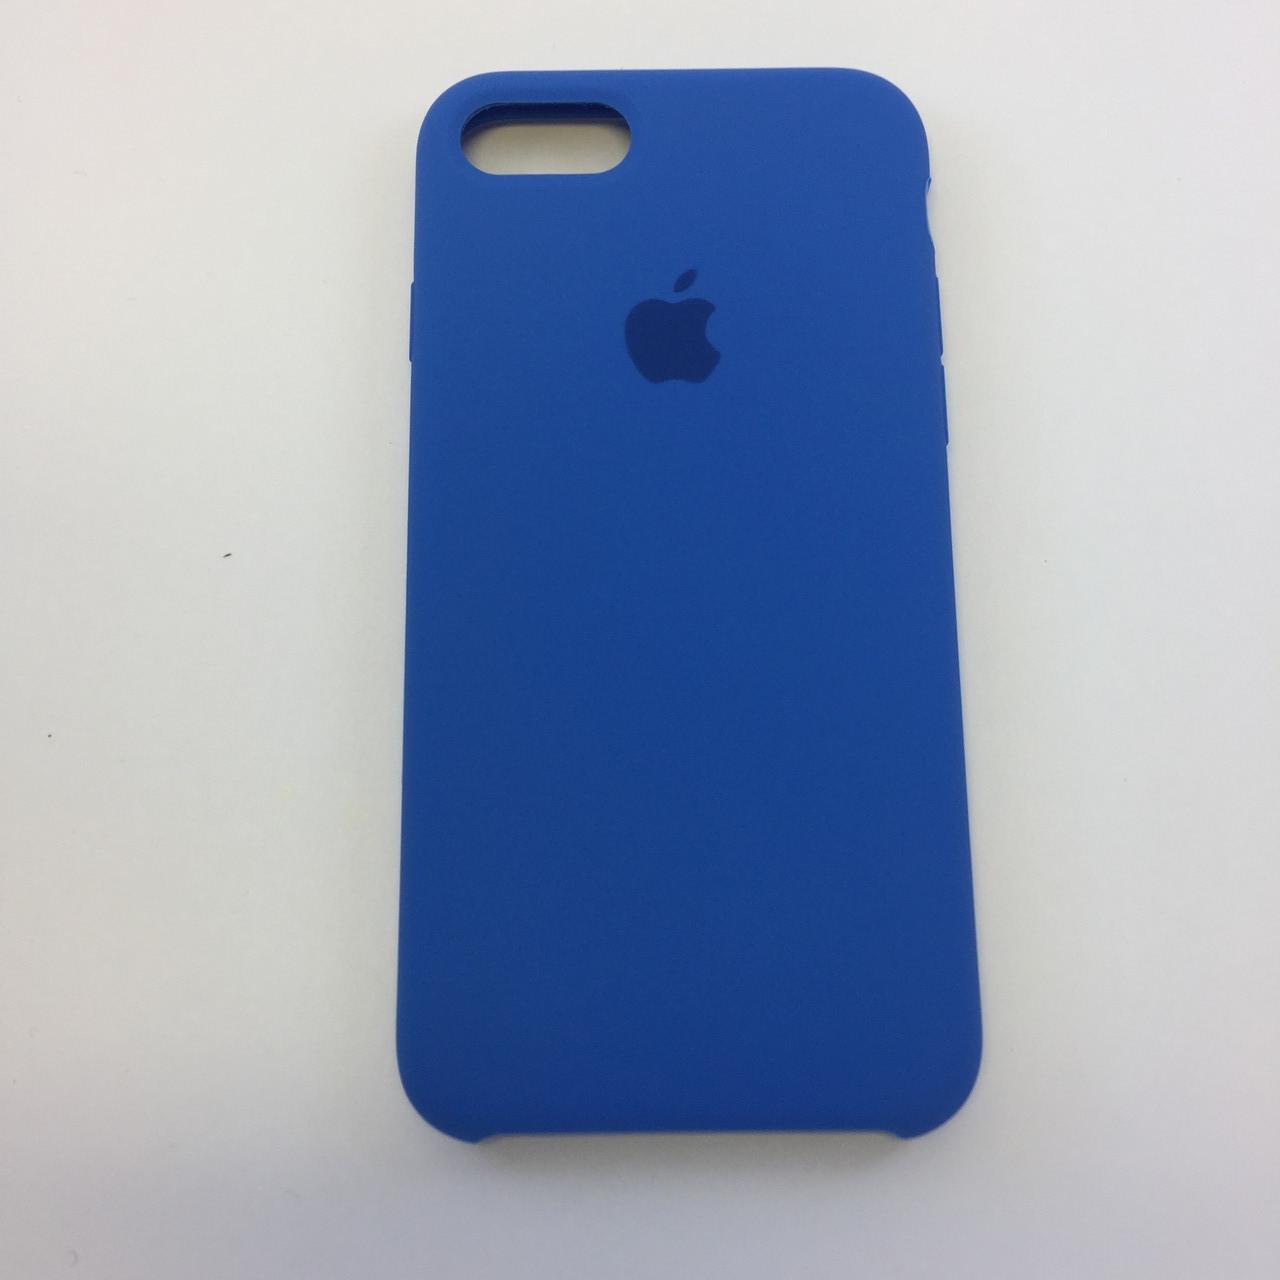 Силиконовый чехол iPhone 7, небесно синий, copy original